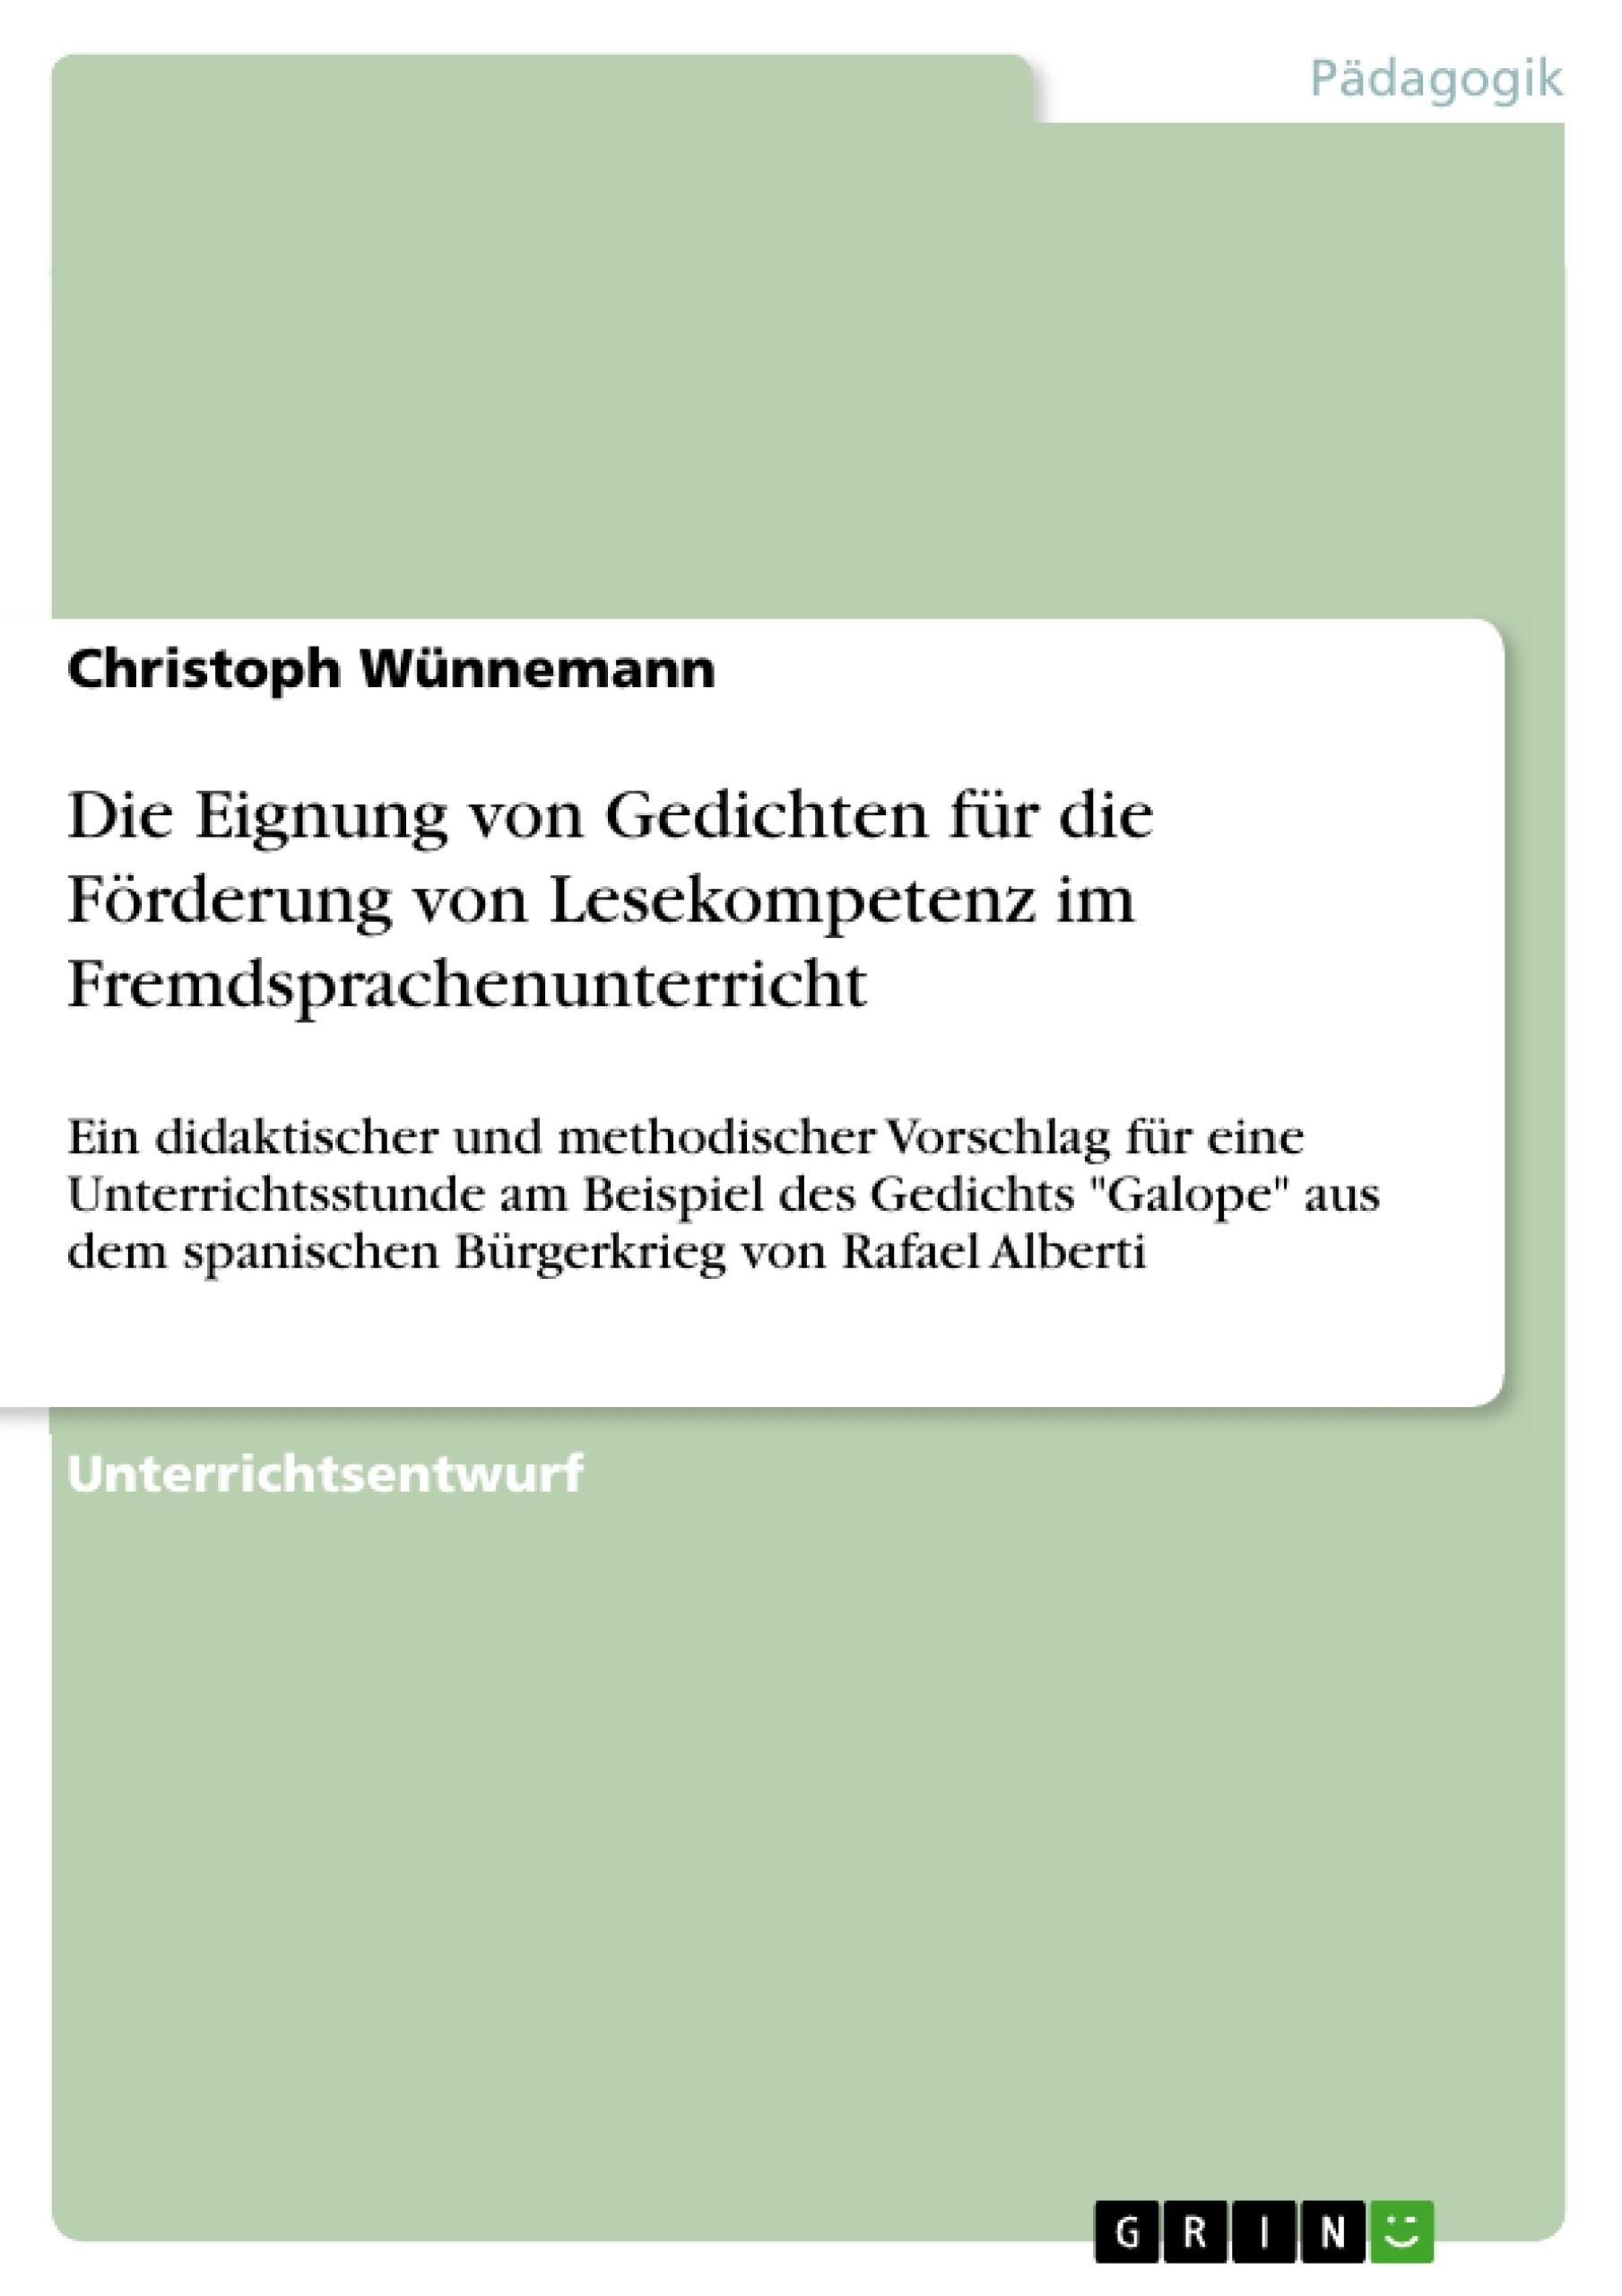 Titel: Die Eignung von Gedichten für die Förderung von Lesekompetenz im Fremdsprachenunterricht